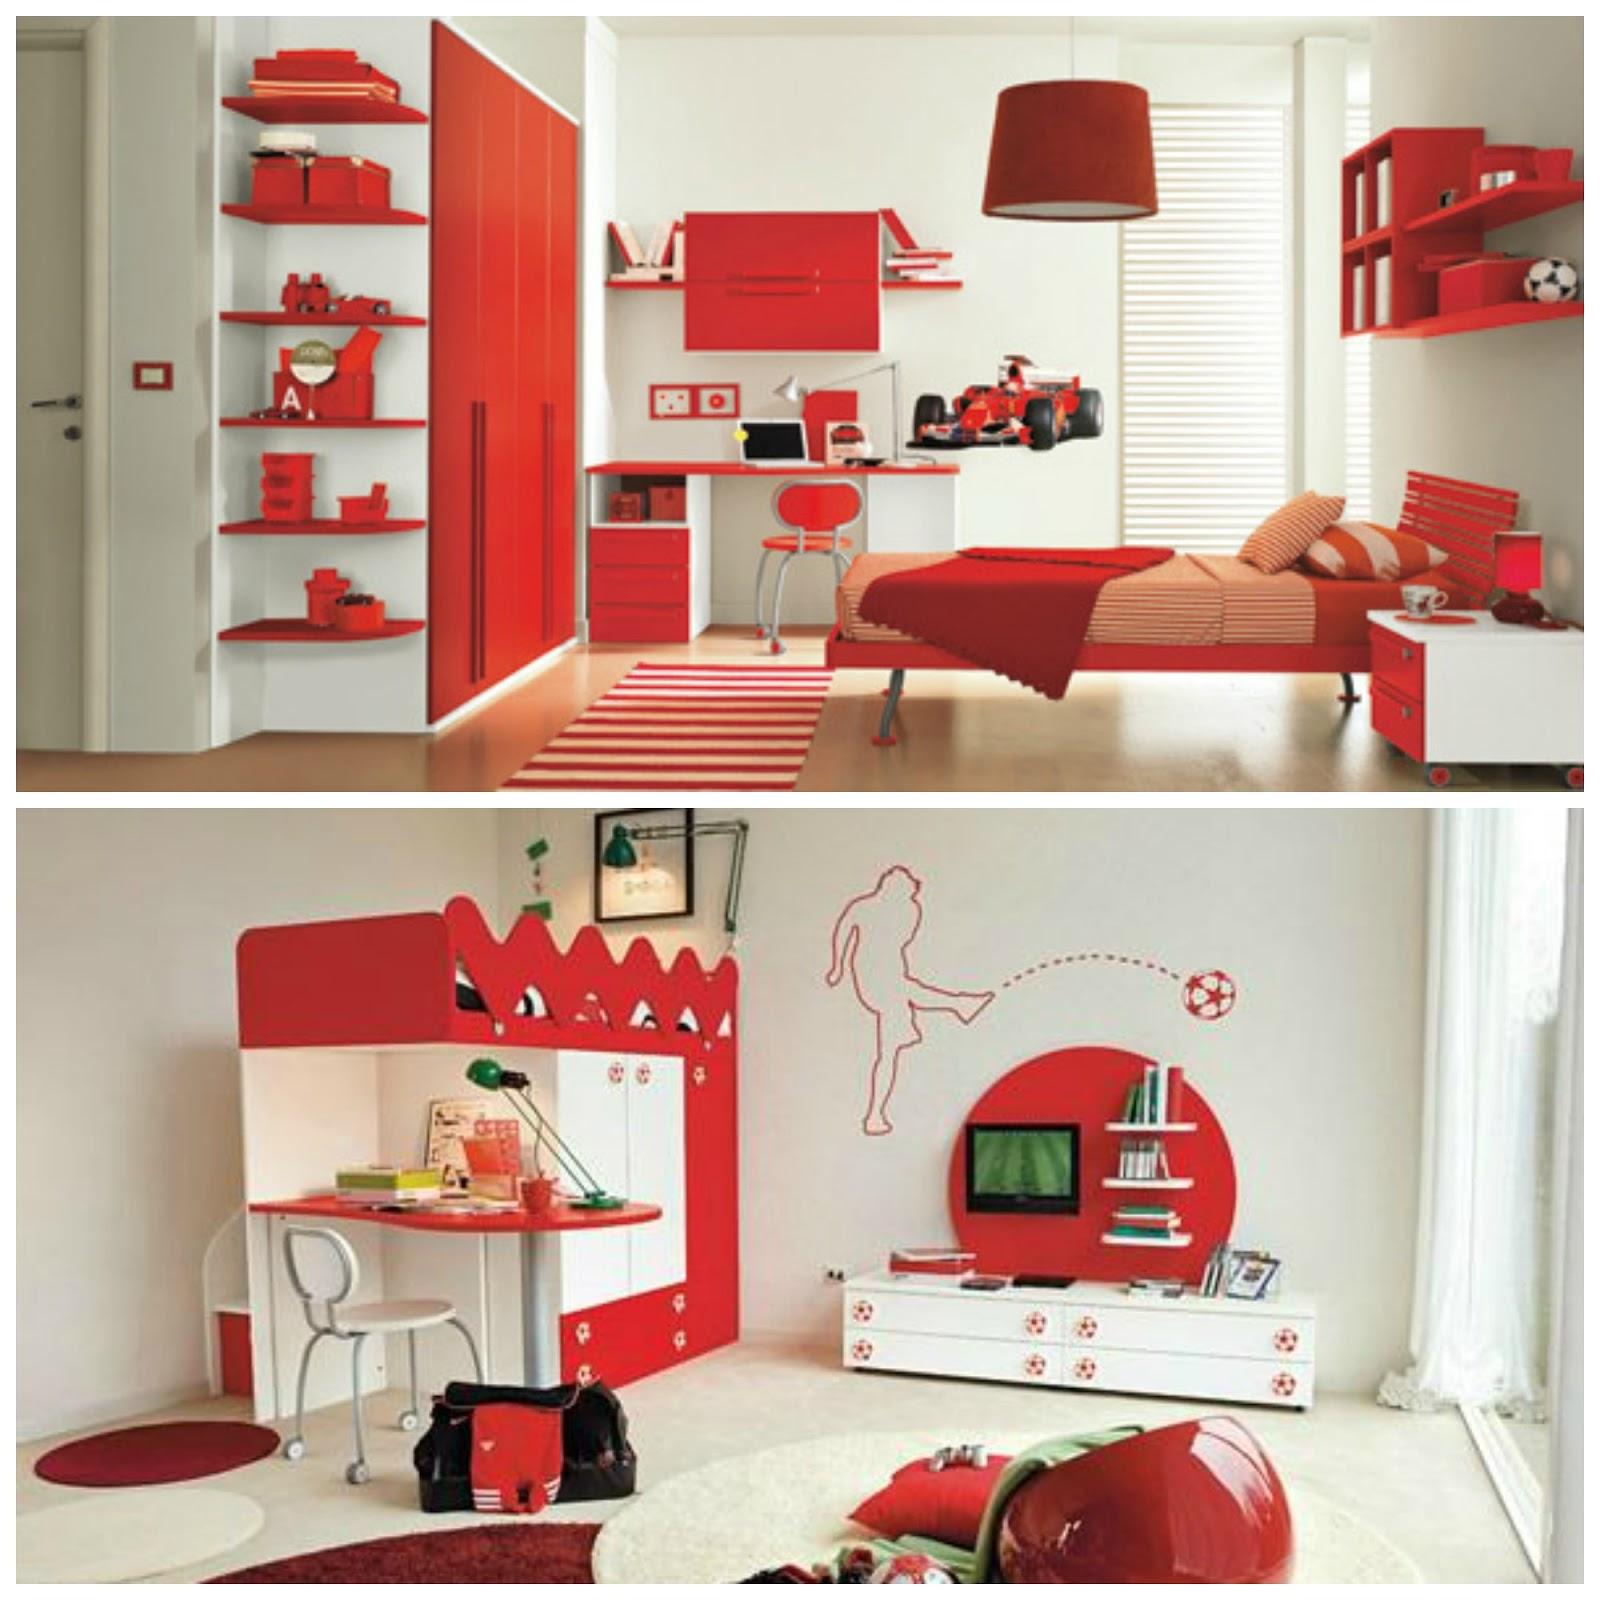 D a off ideas para un dormitorio en rojo mi vida en rojo for Ideas dormitorios juveniles